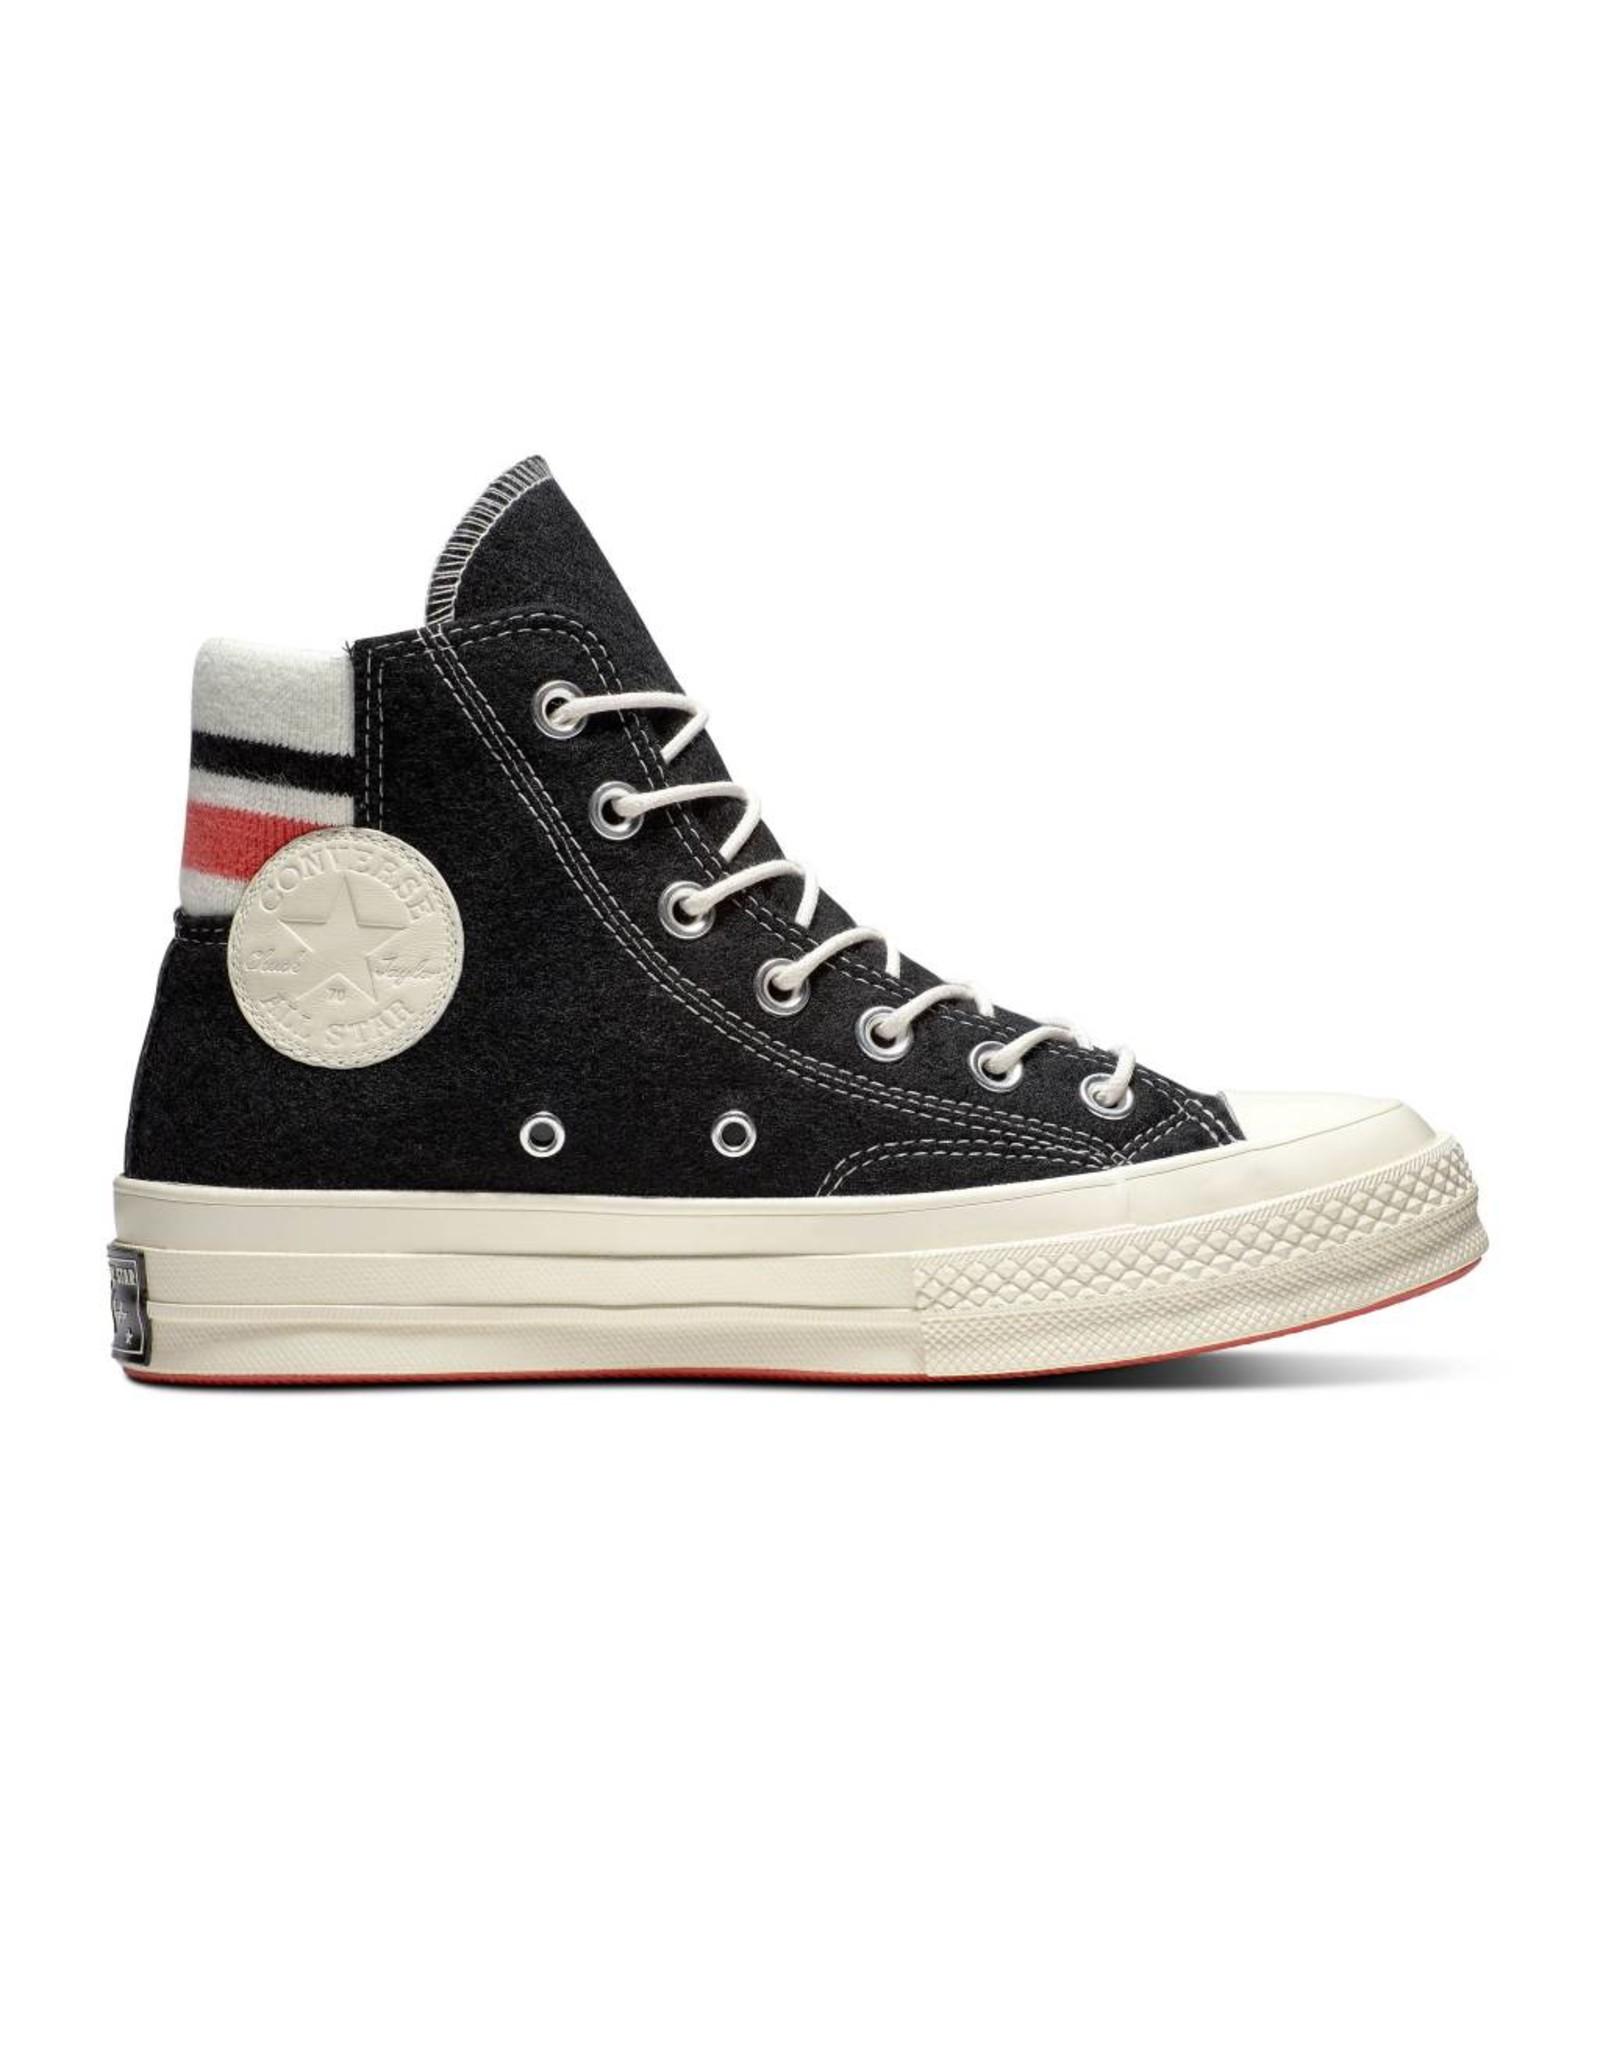 CONVERSE CHUCK TAYLOR 70 HI BLACK/SEDONA RED/EGRET C970BSE-163363C